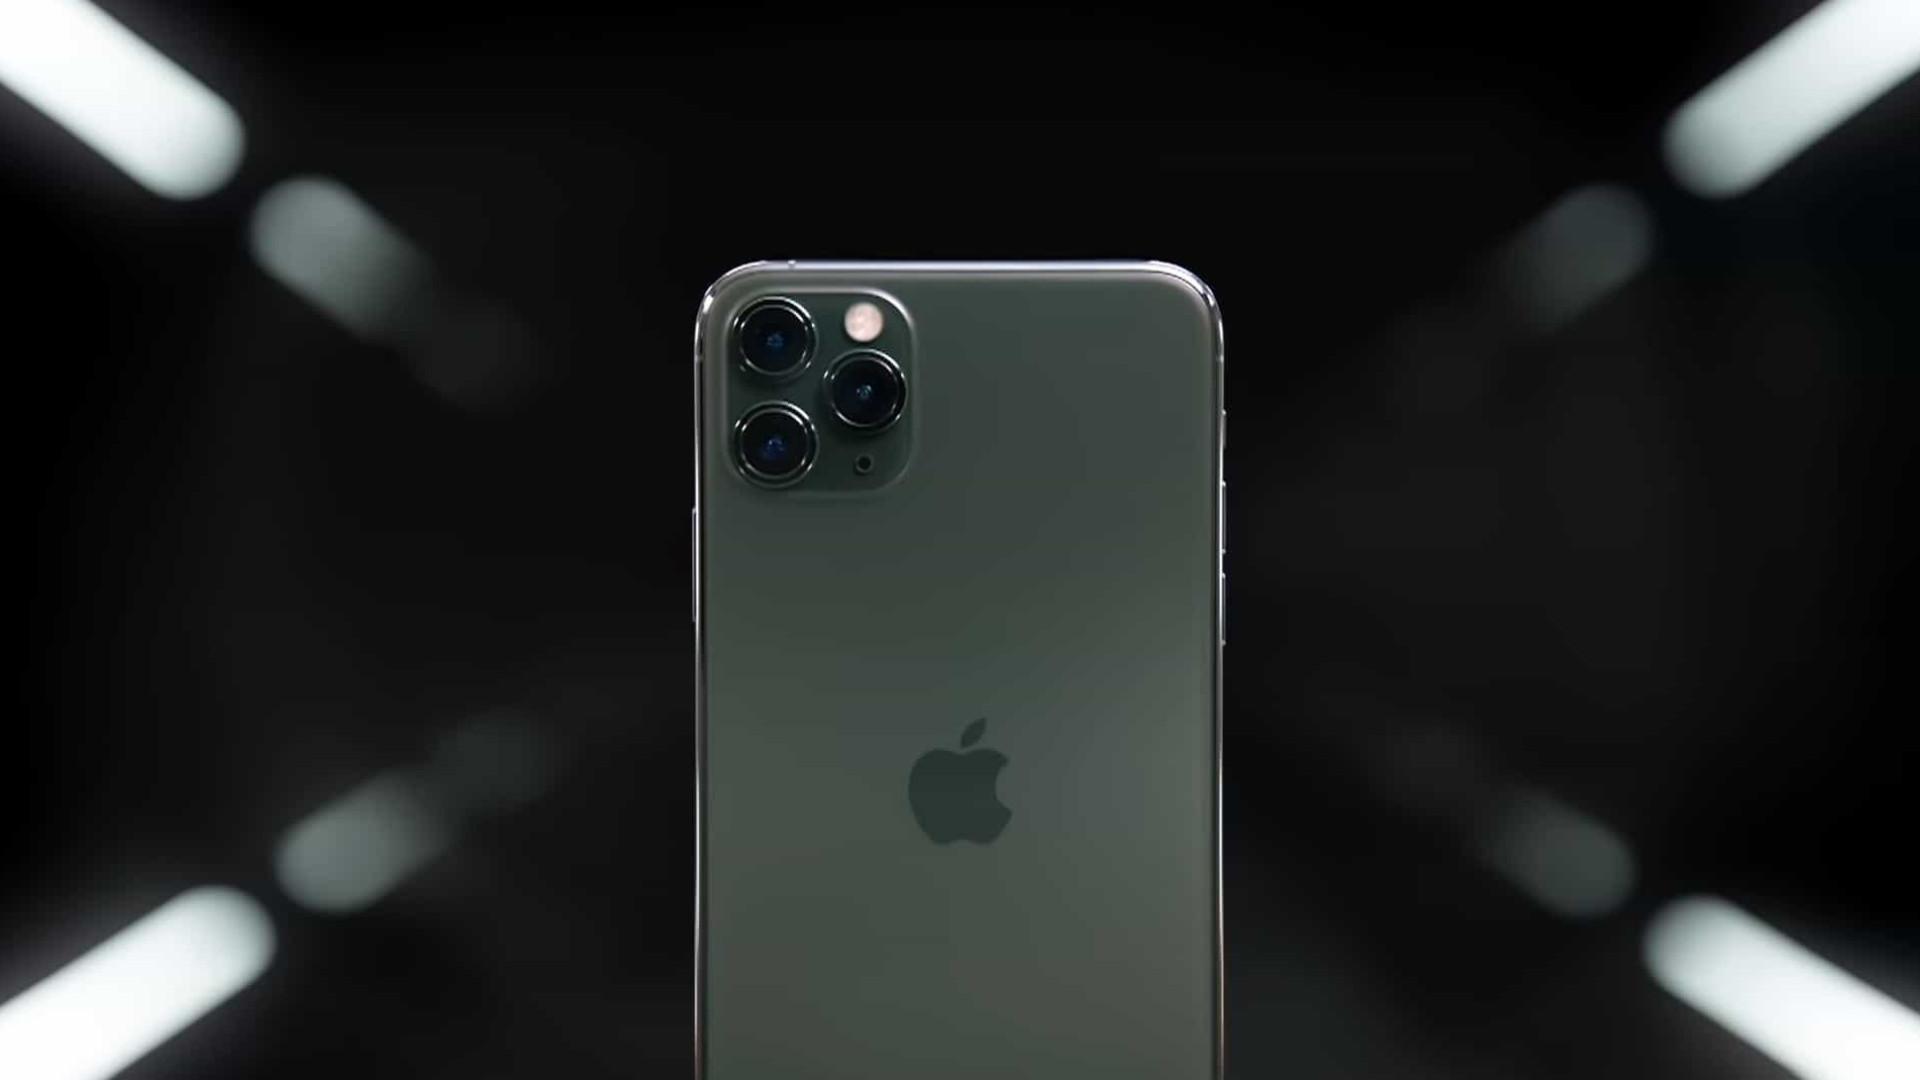 Apple partilhou dois anúncios para o novo iPhone 11 Pro